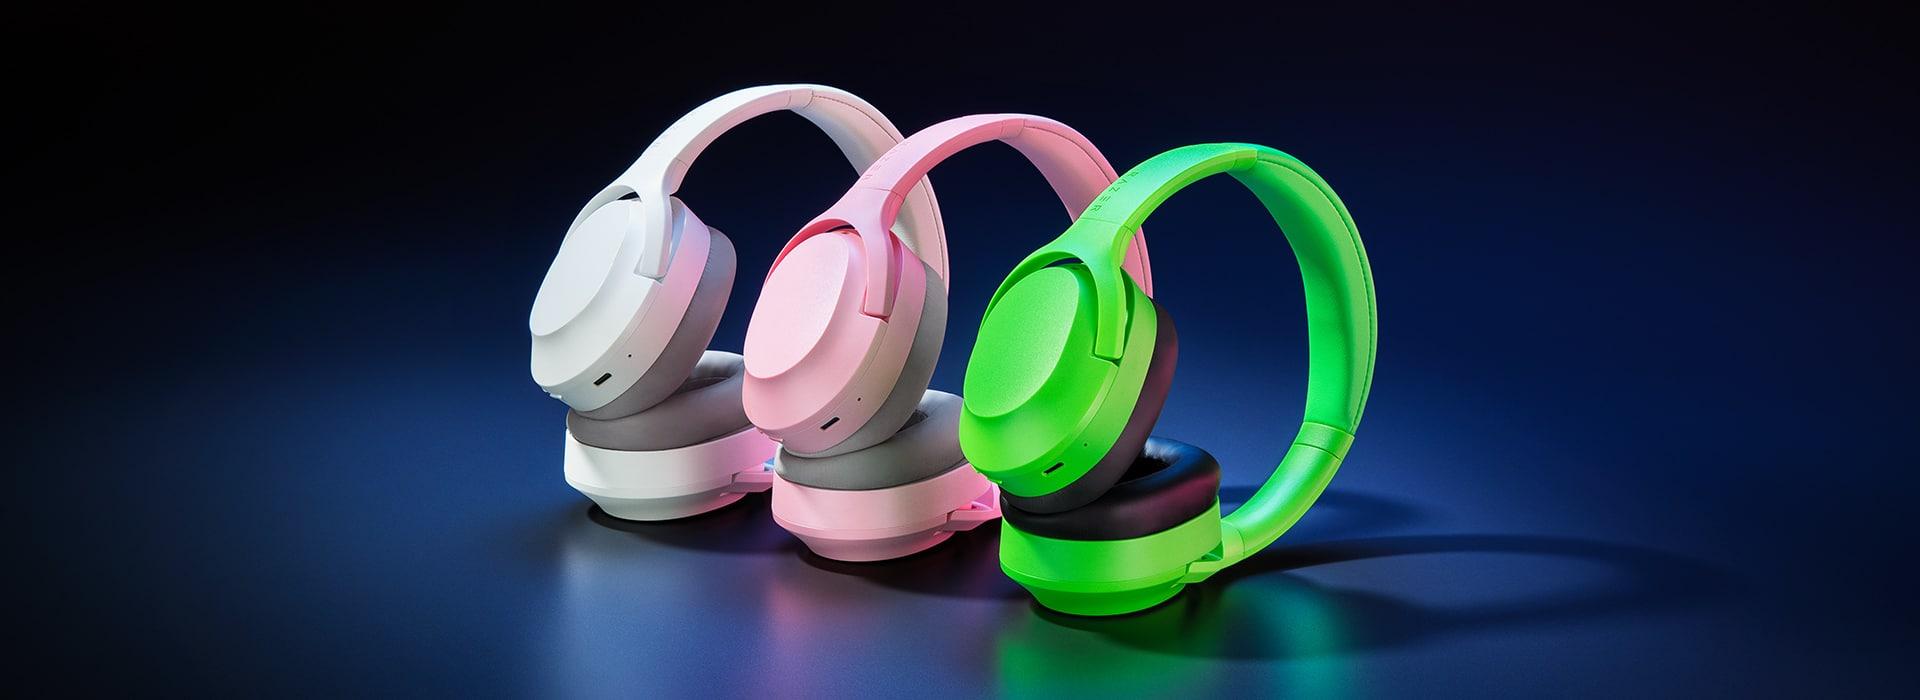 Razer annuncia Opus X, la nuova gamma di prodotti audio wireless thumbnail